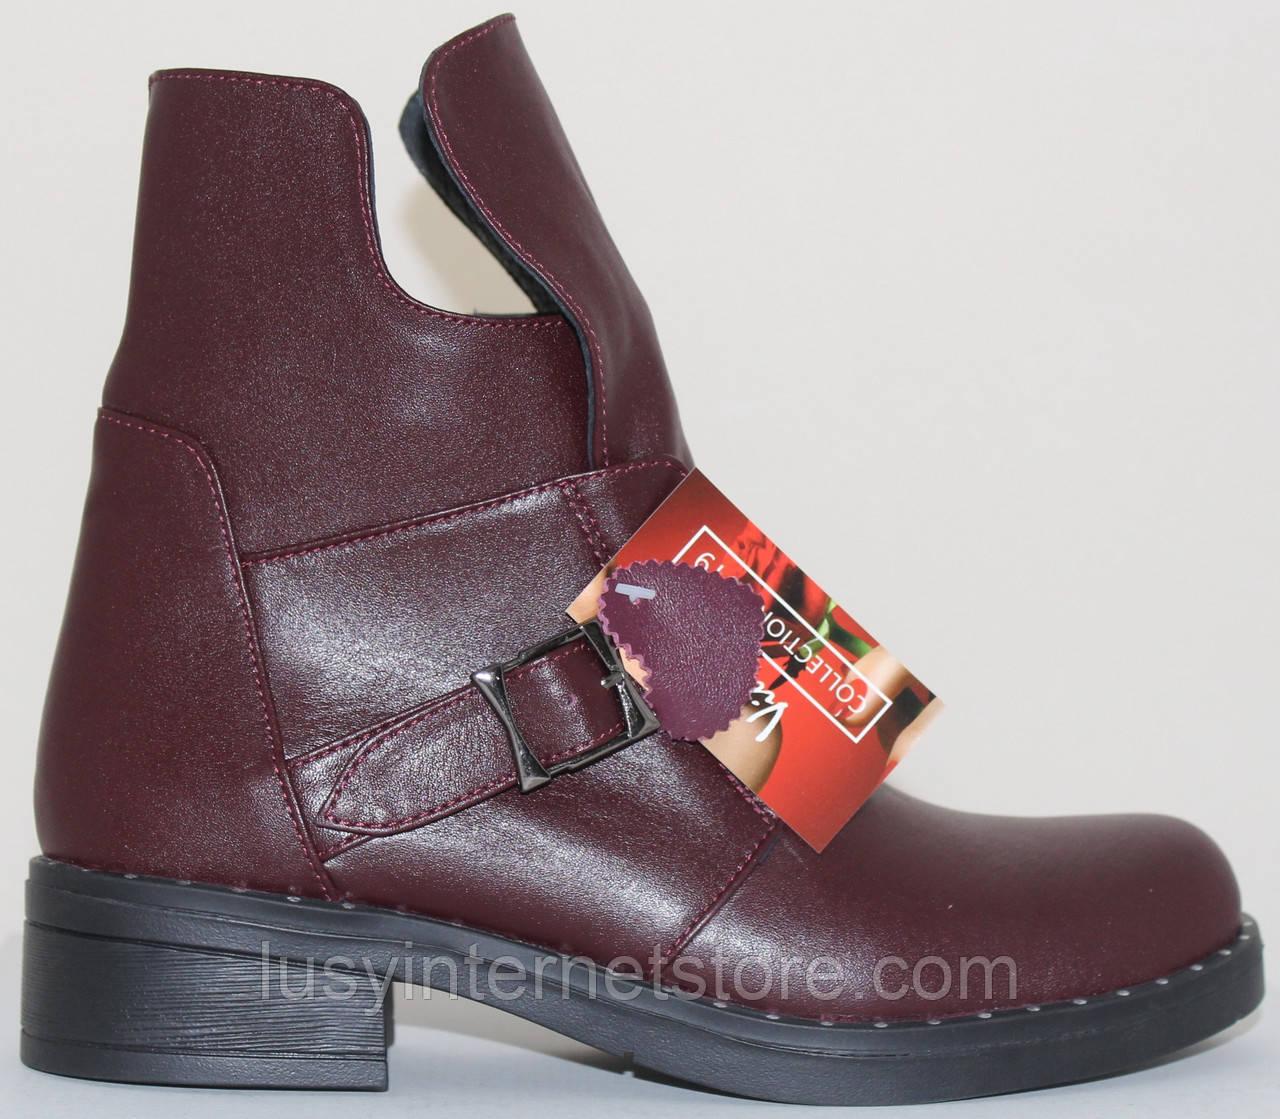 Ботинки женские кожаные демисезонные на низком каблуке от производителя модель СВ818